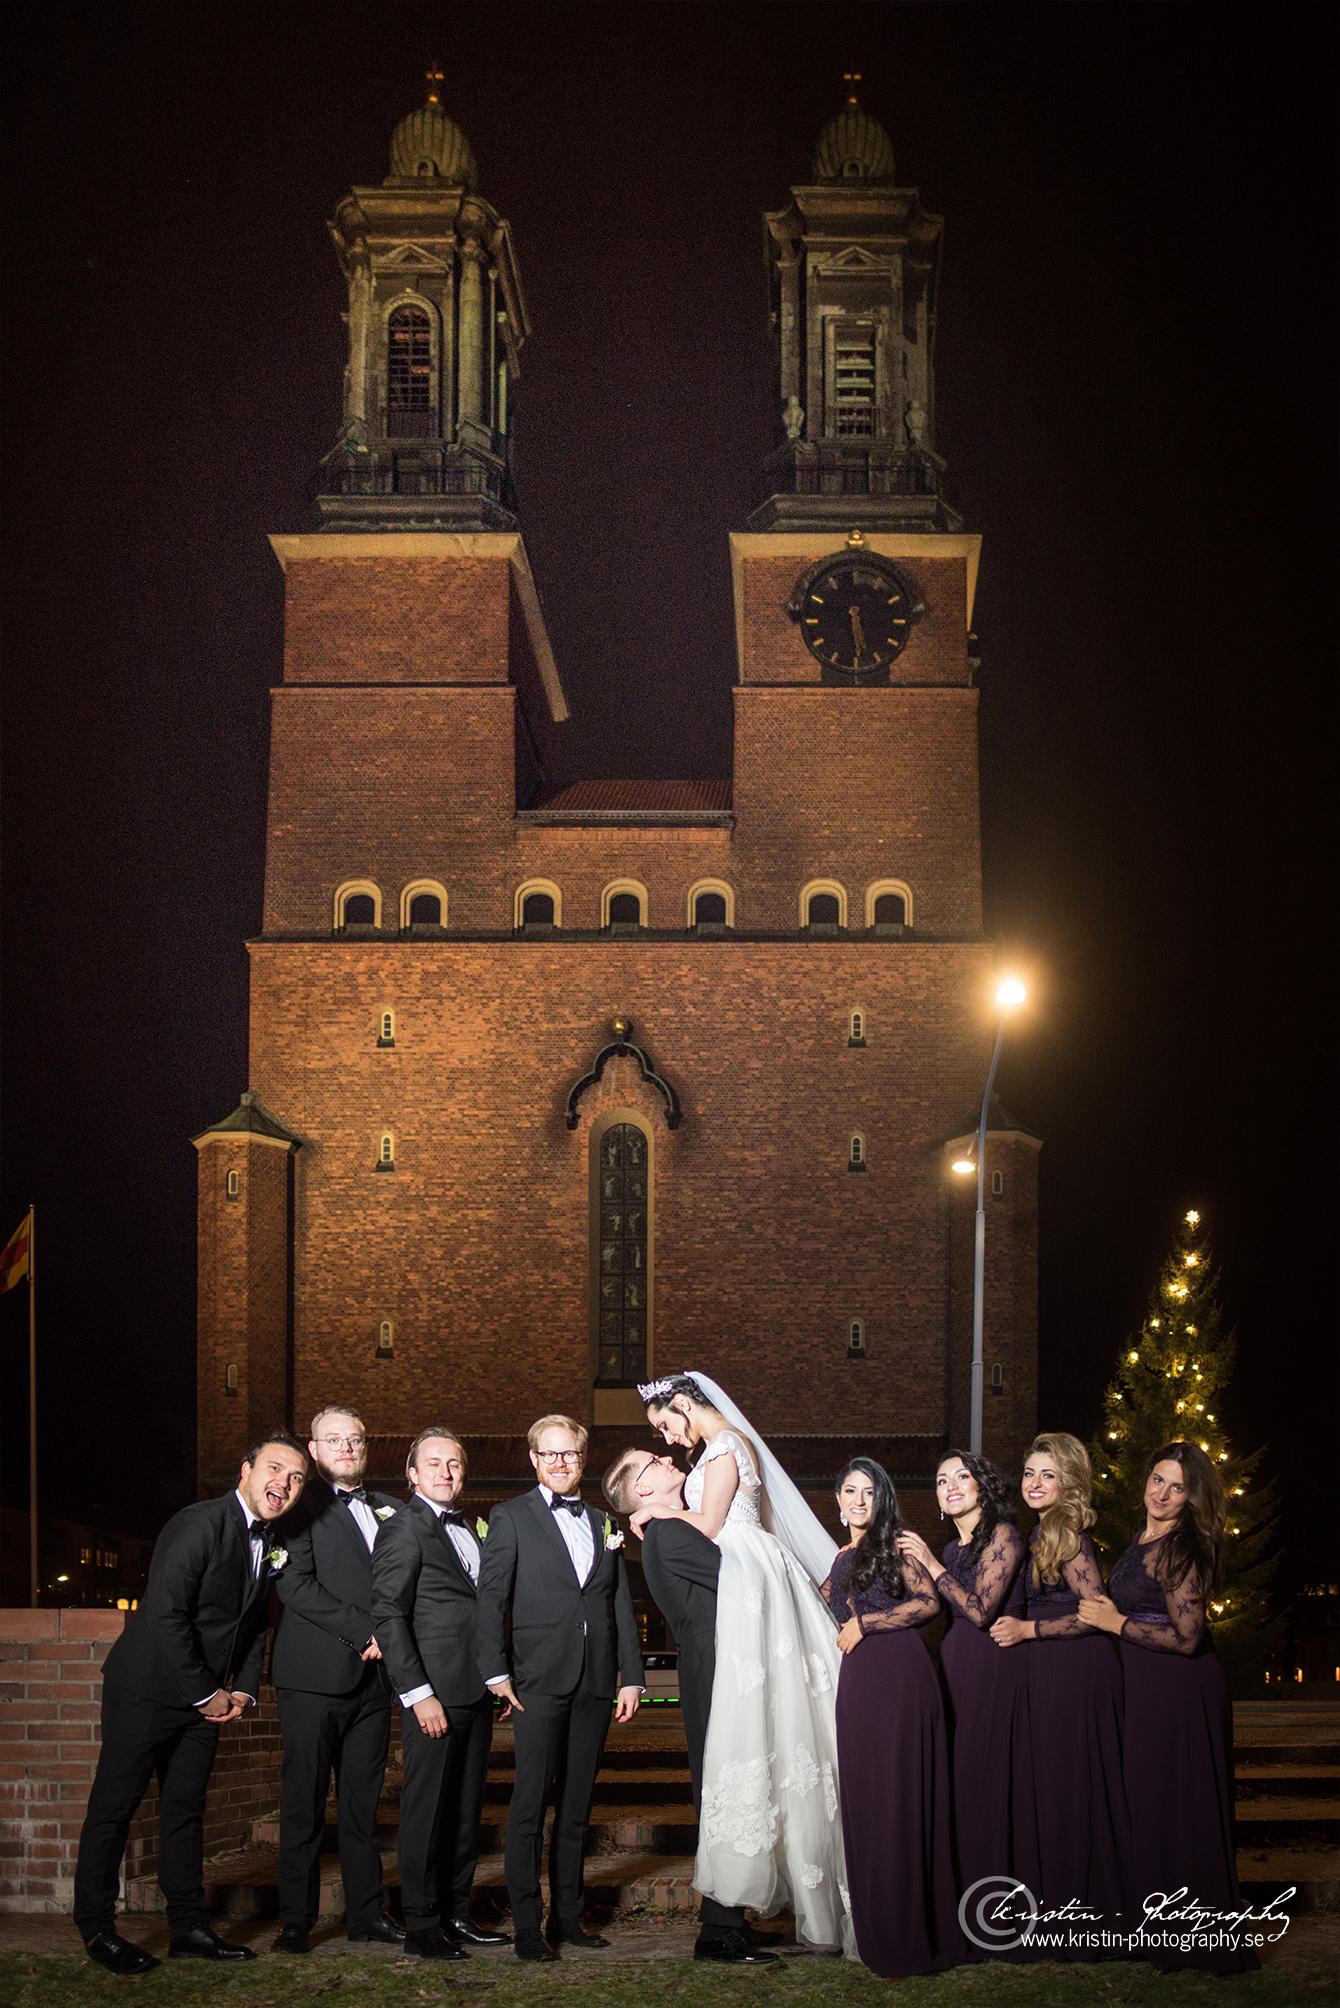 Bröllopsfotograf i Eskilstuna, Kristin - Photography, weddingphotographer 8c.jpg